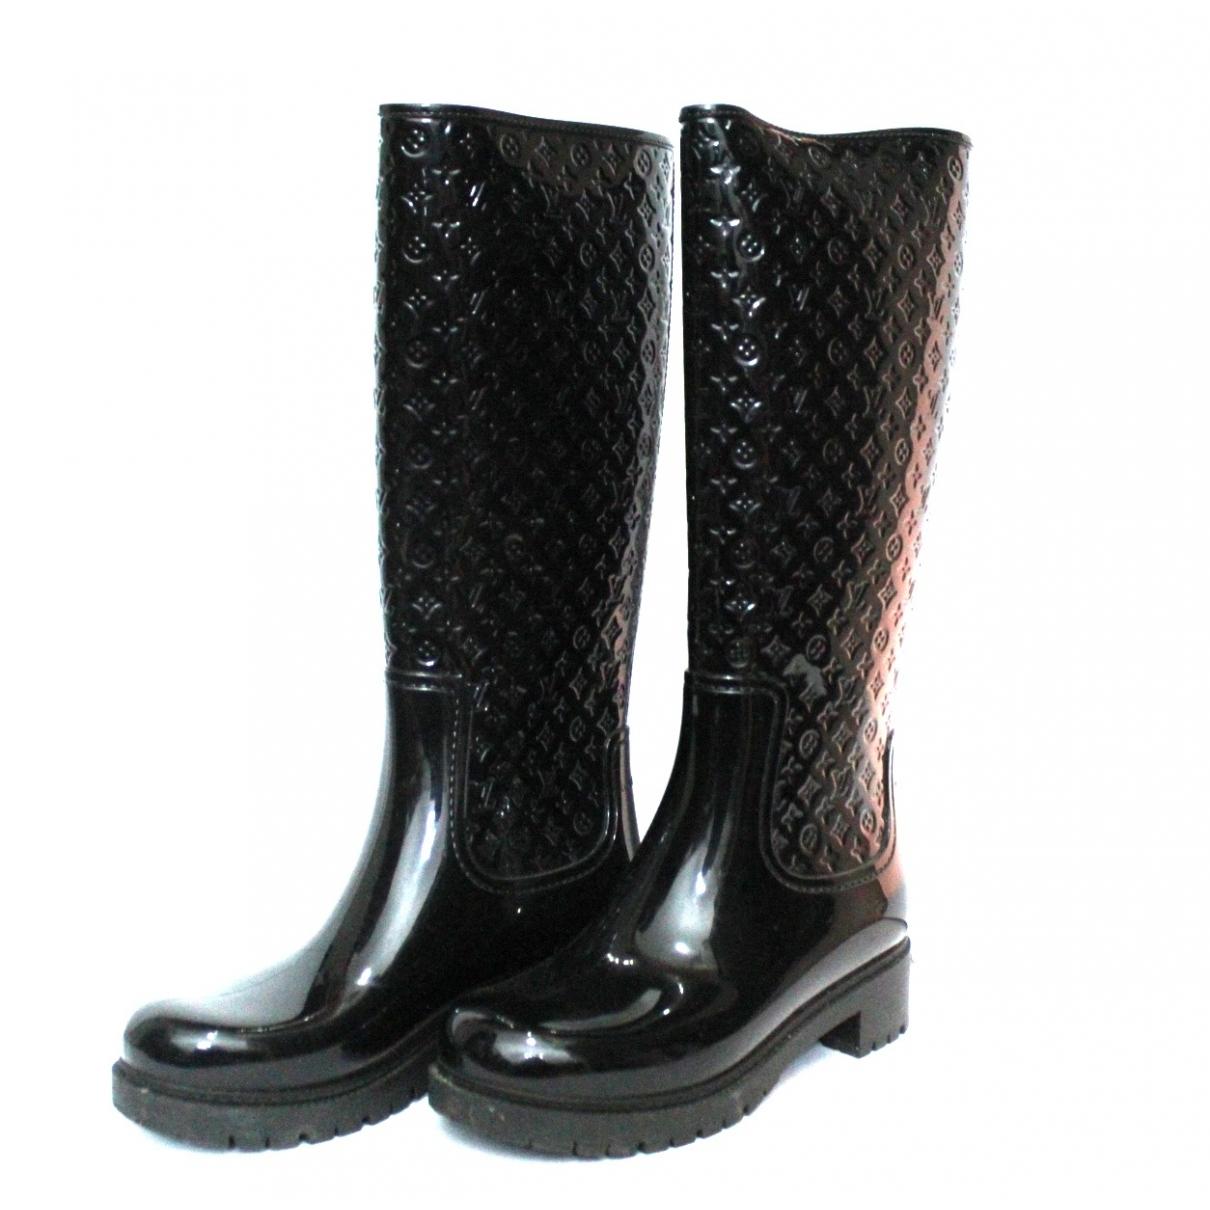 Louis Vuitton Drops Black Rubber Boots for Women 36 EU